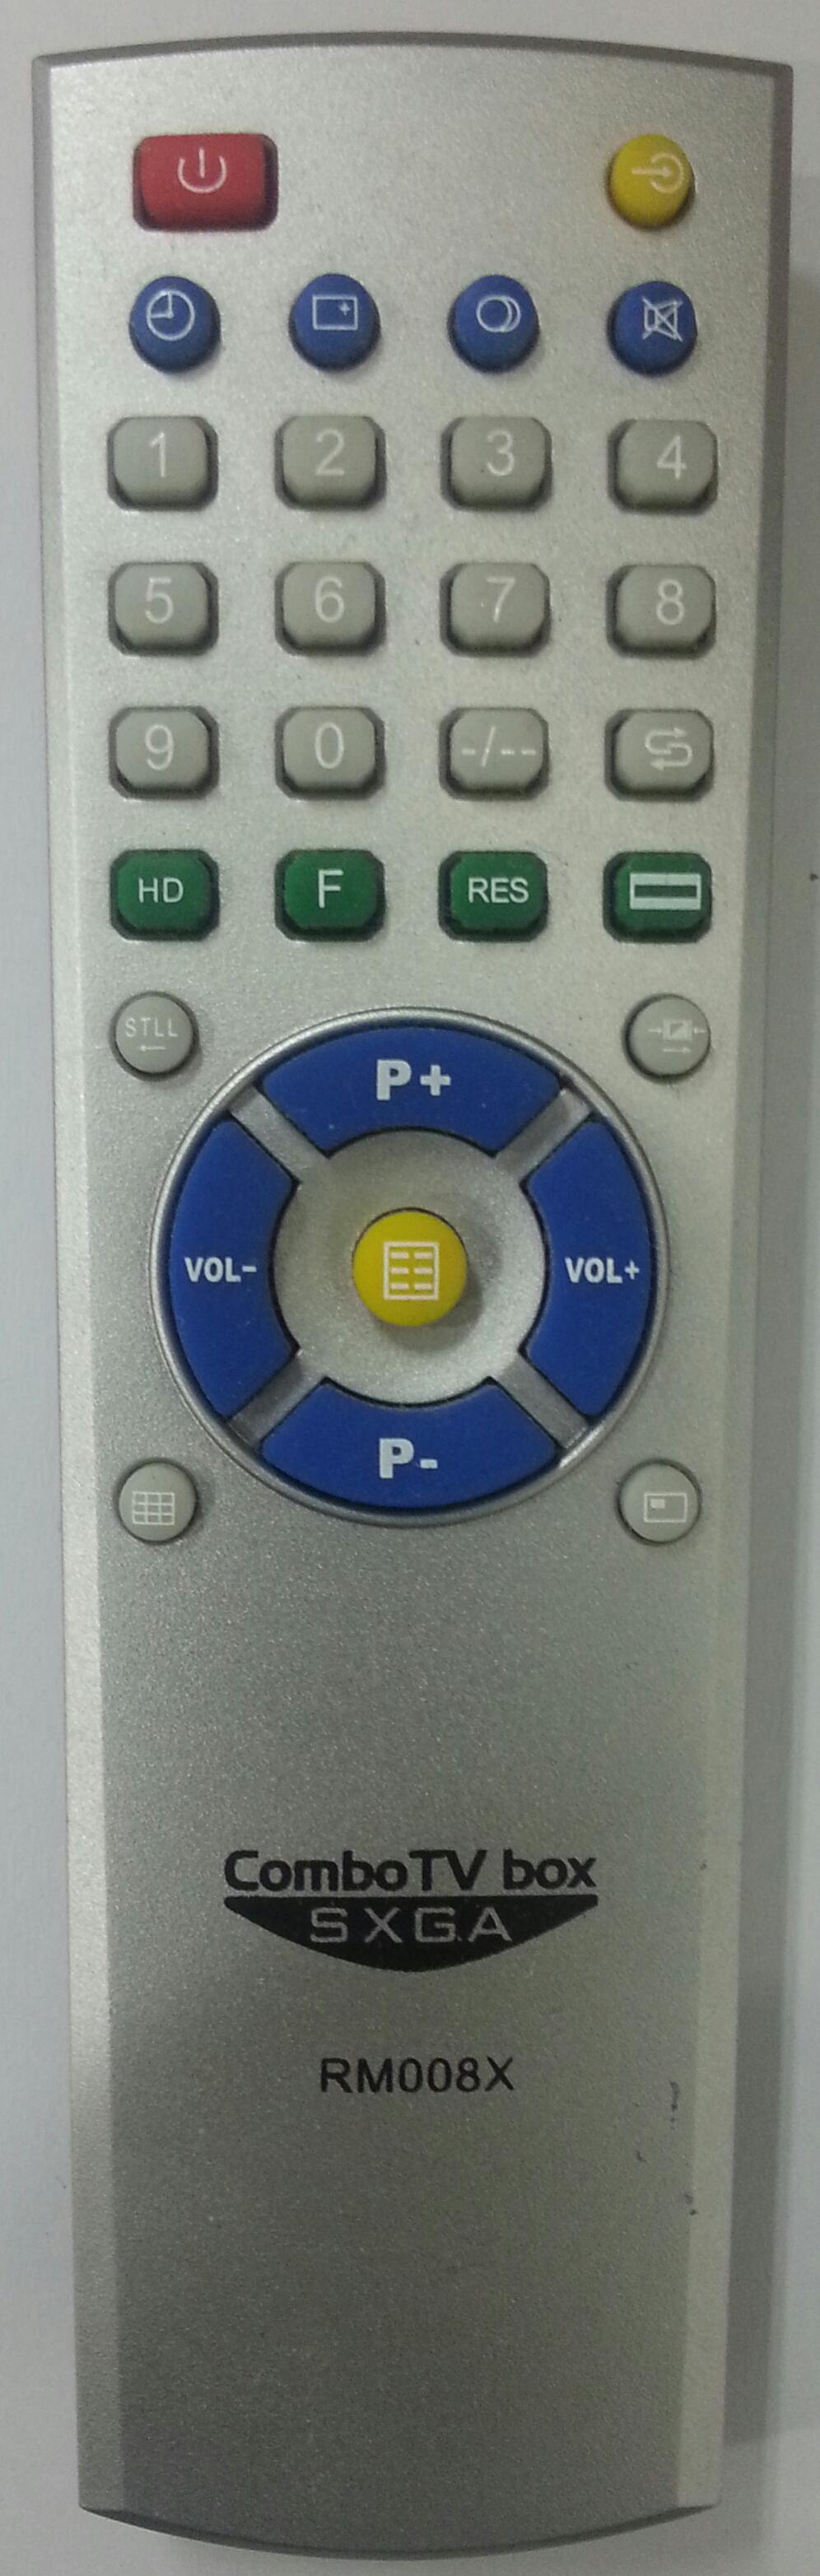 CAMEL_TV-5821E-0.jpg